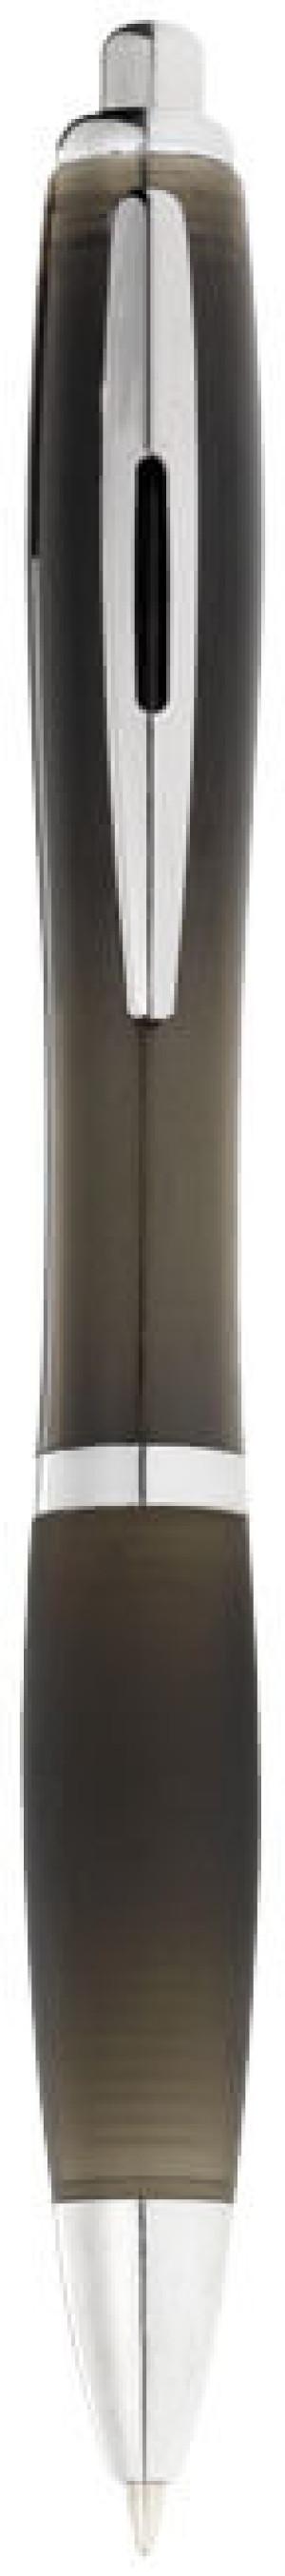 obrazok Guľôčkové pero Nash - Reklamnepredmety